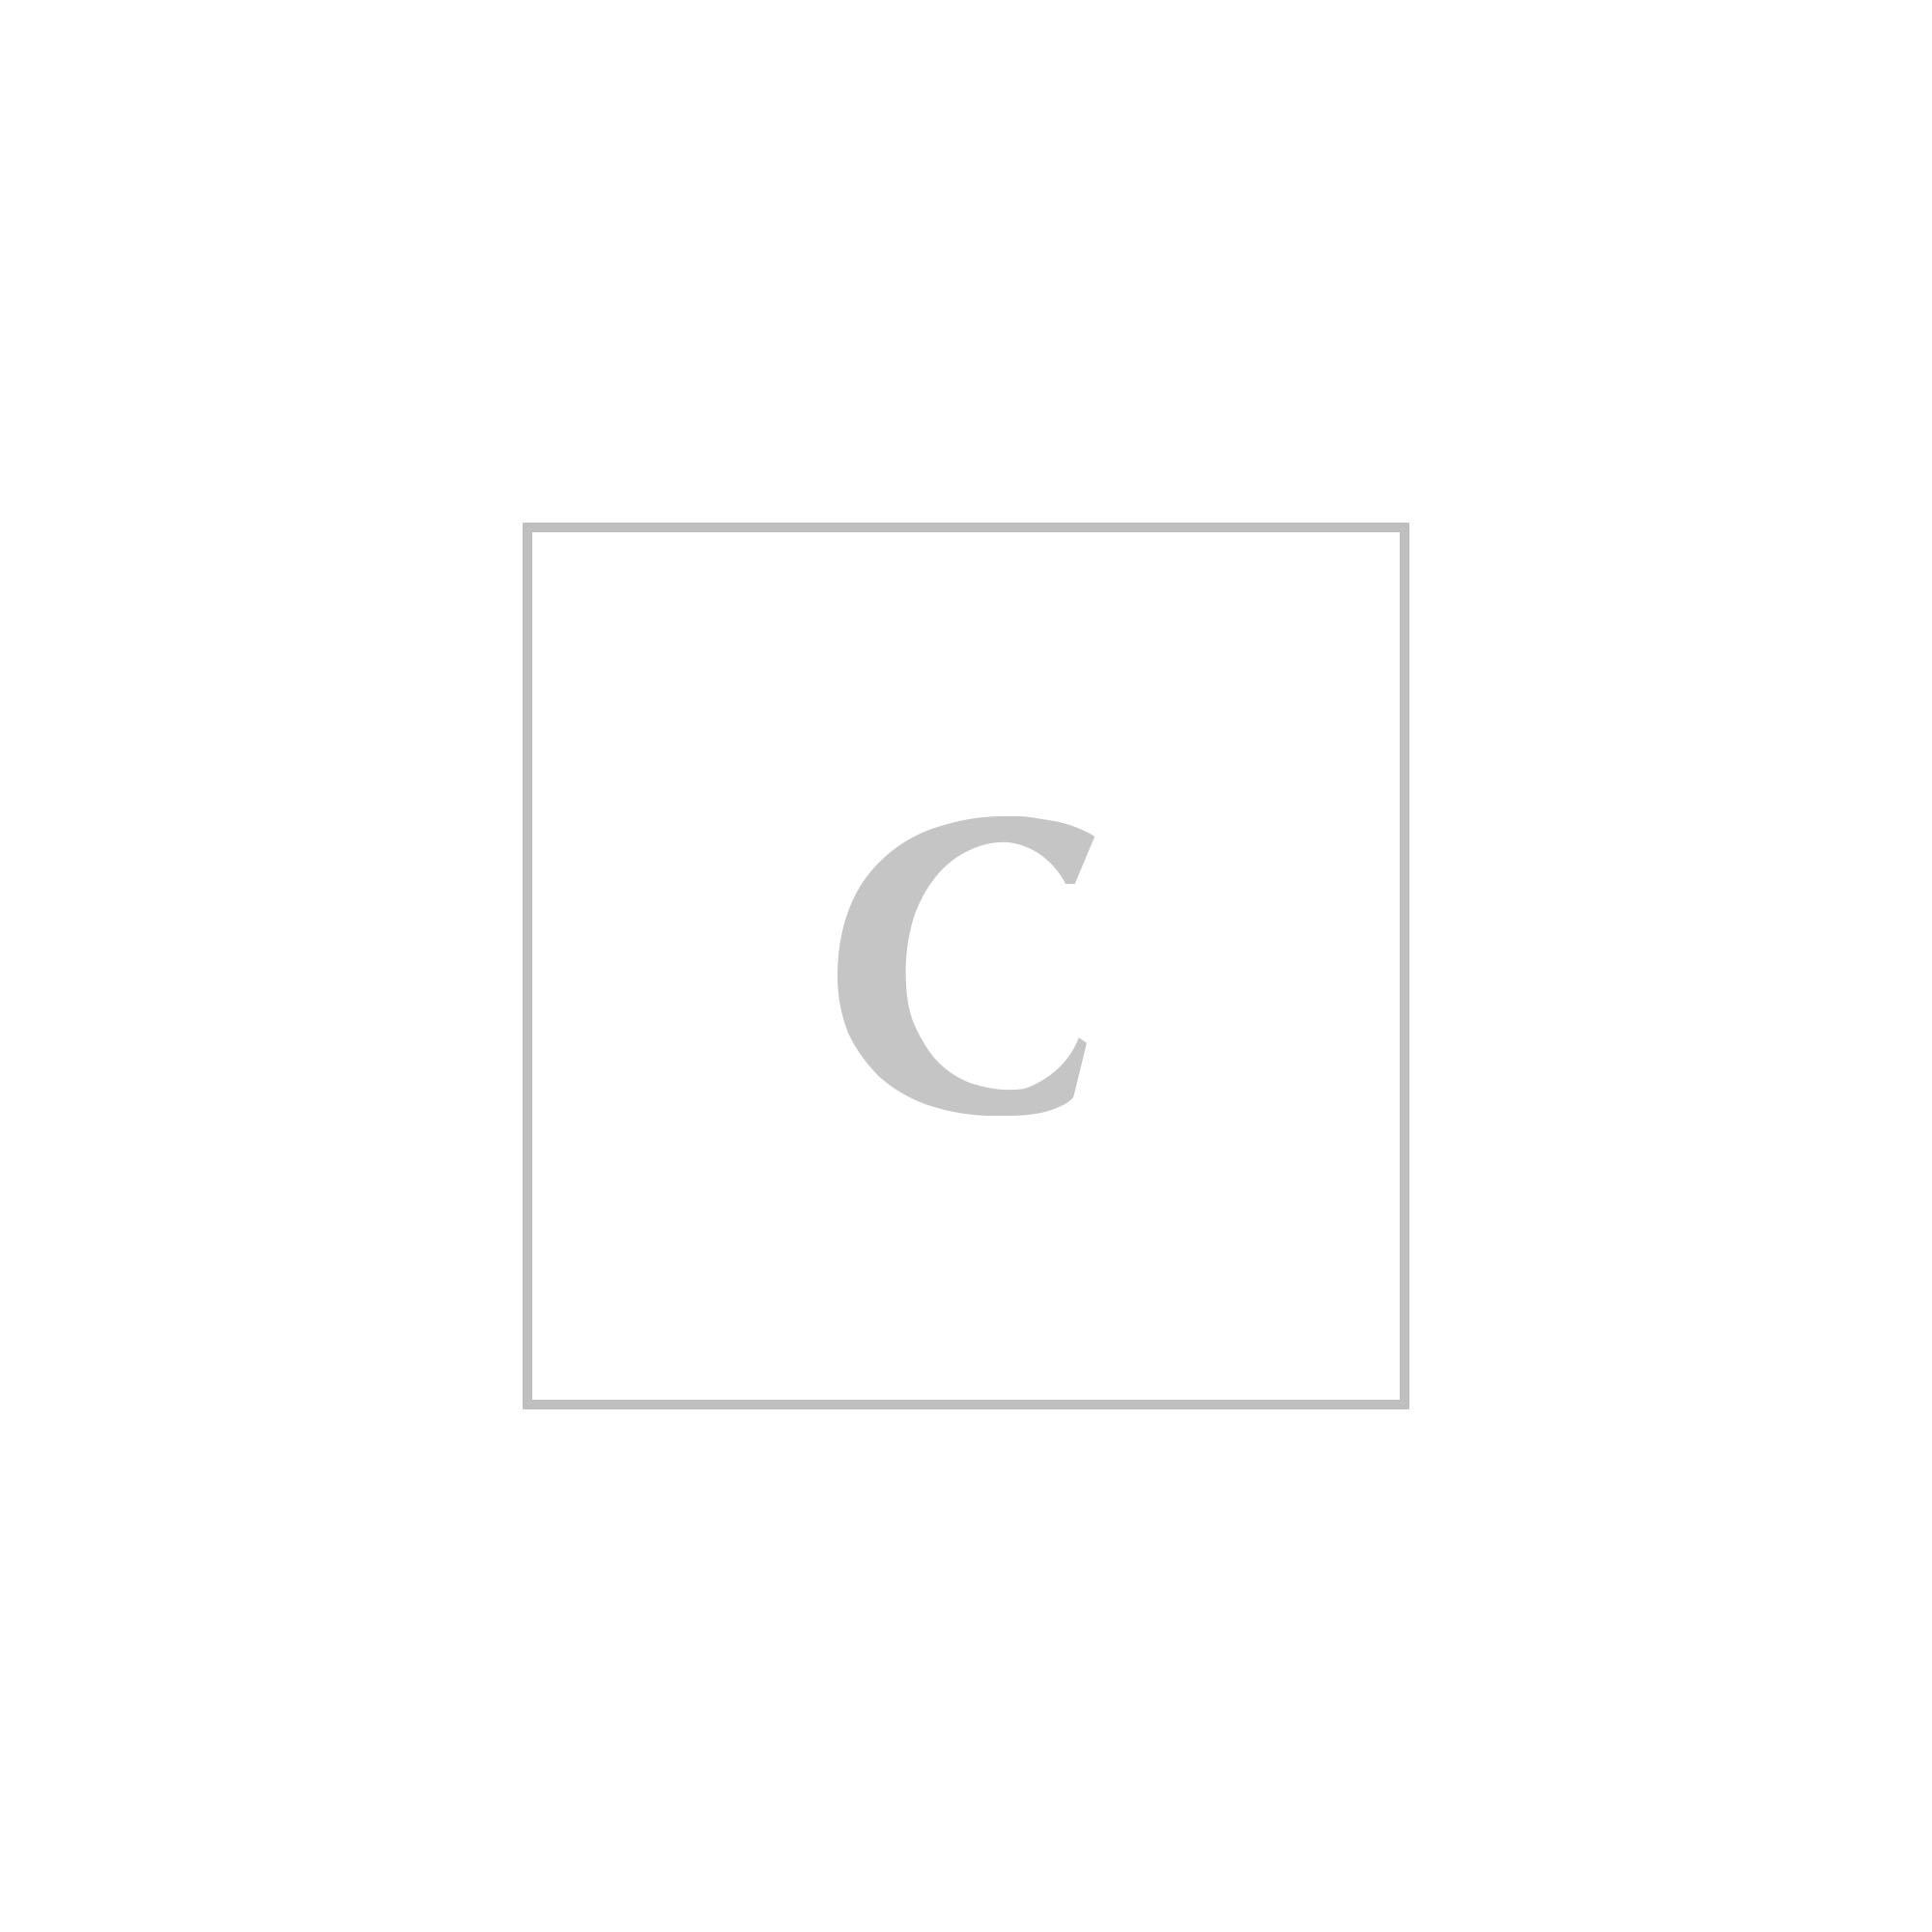 Saint laurent ysl pfu - pcc marquag147 grain de poudre